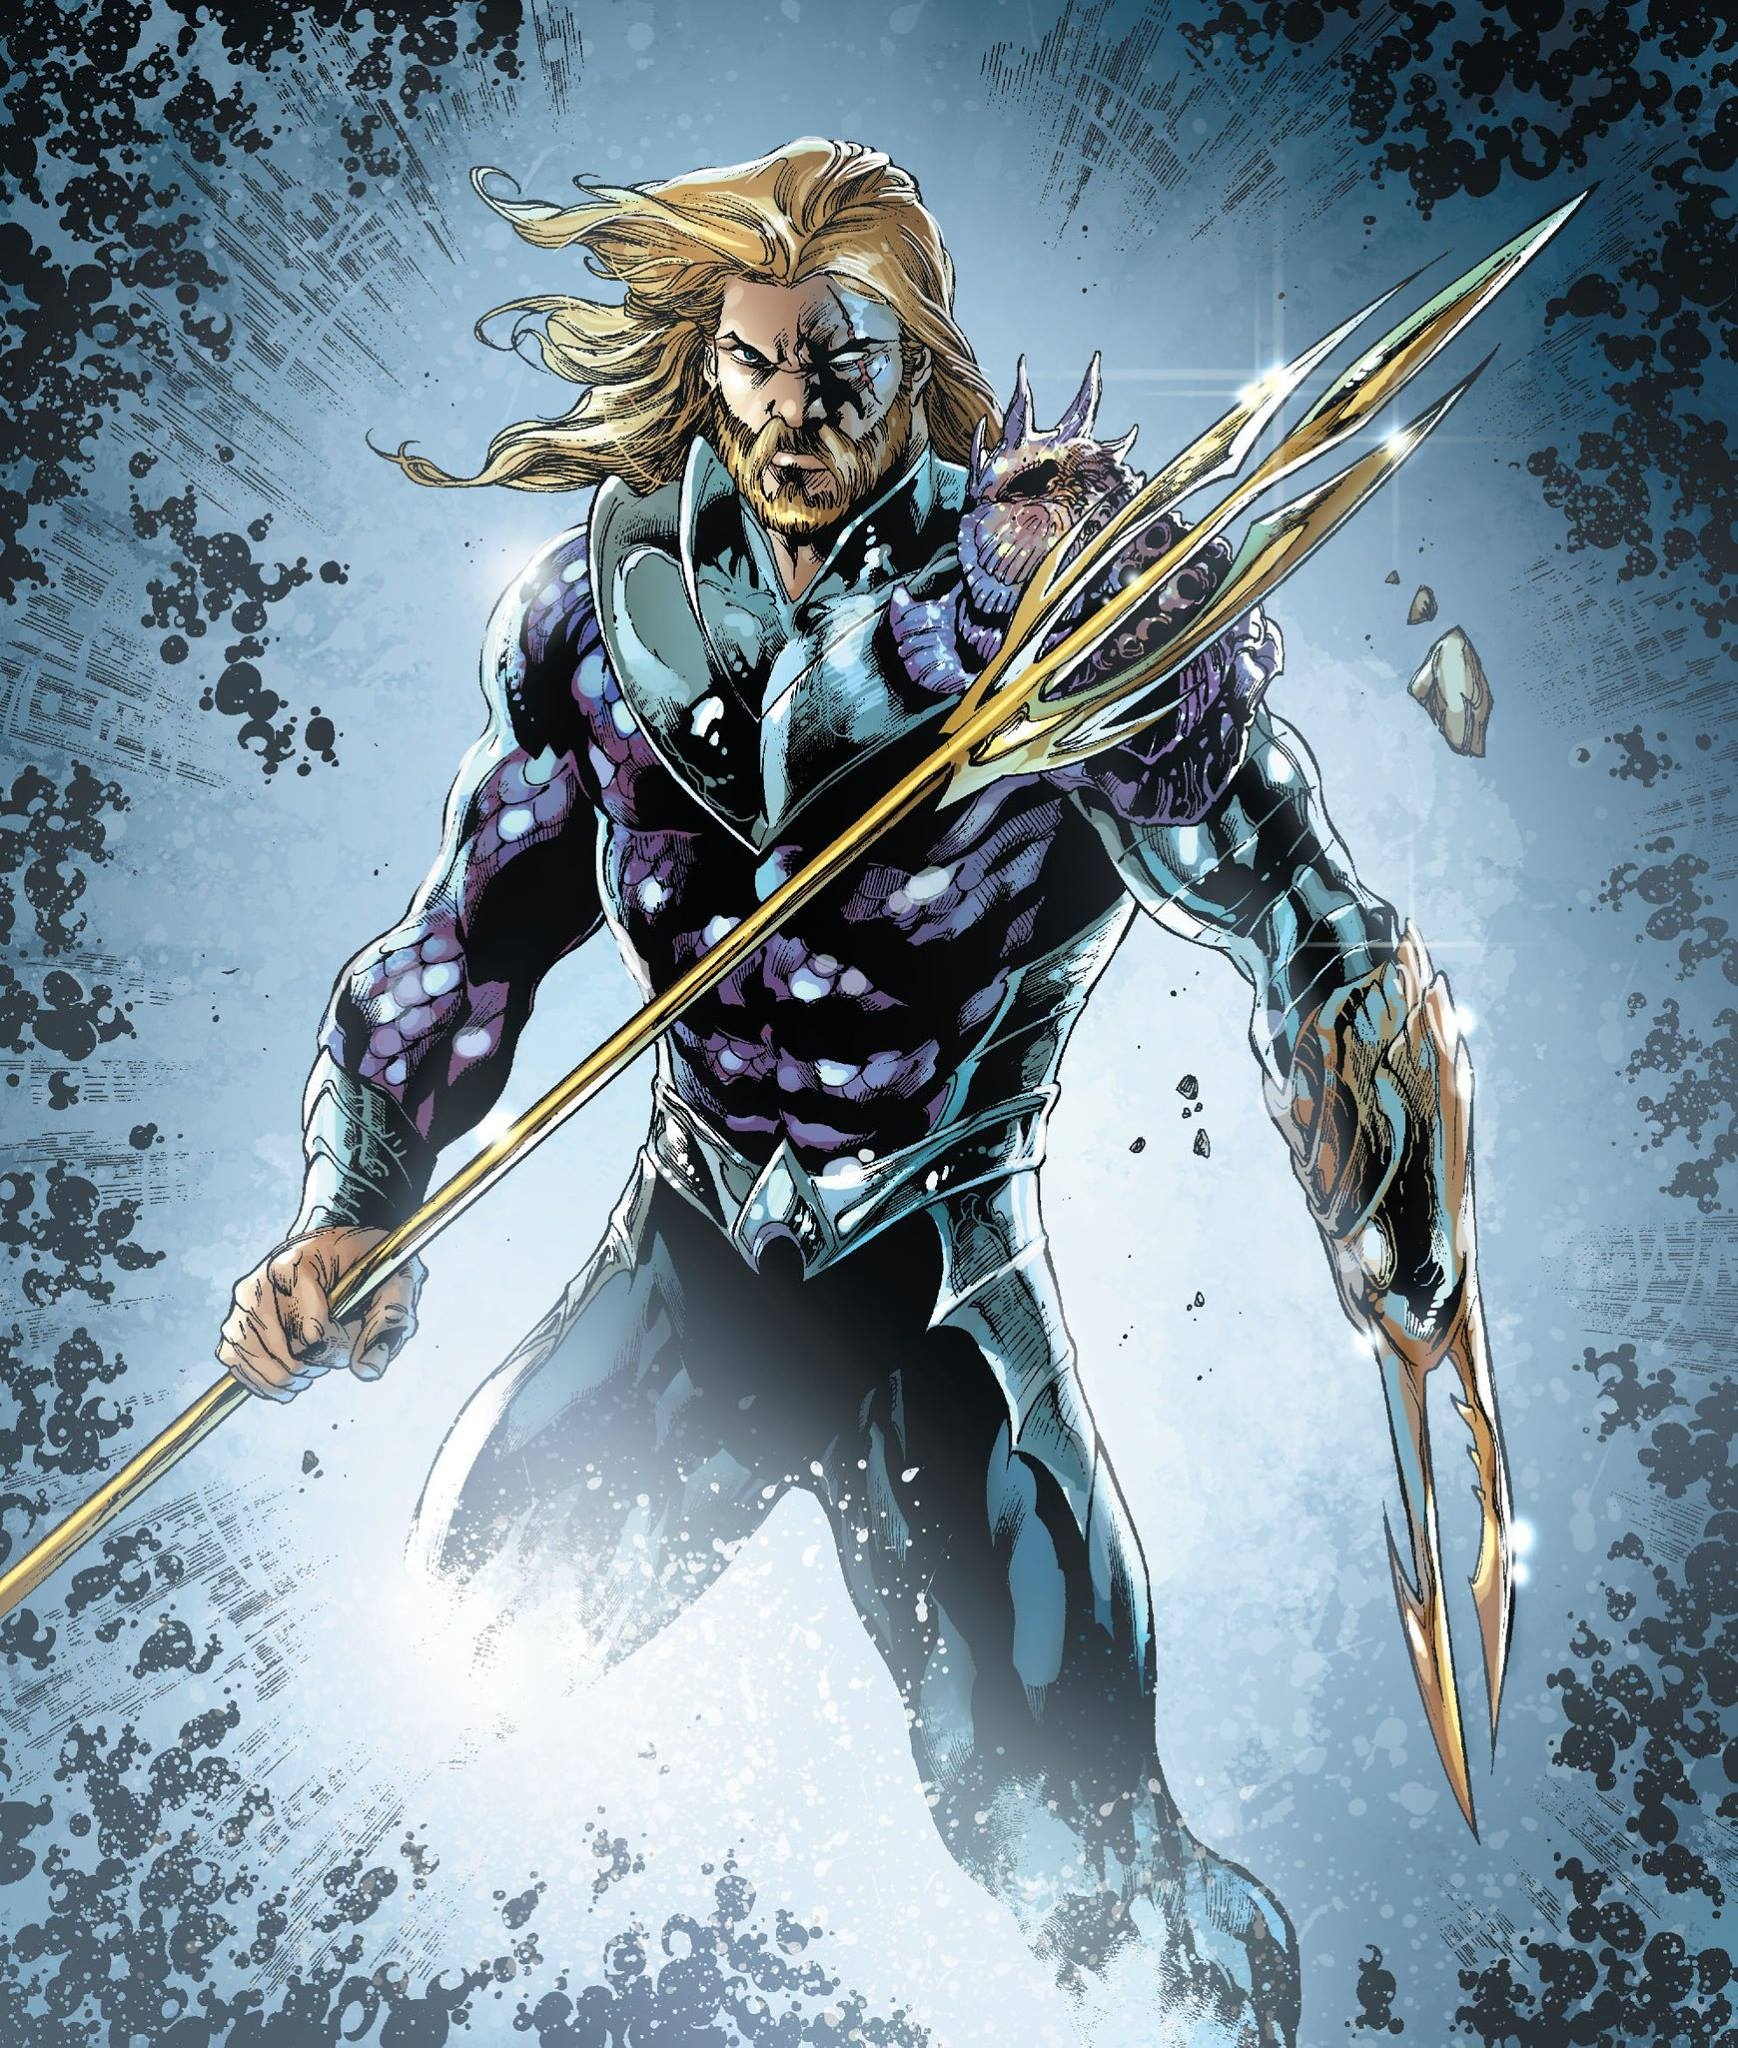 First Look At Jason Momoa As Aquaman!